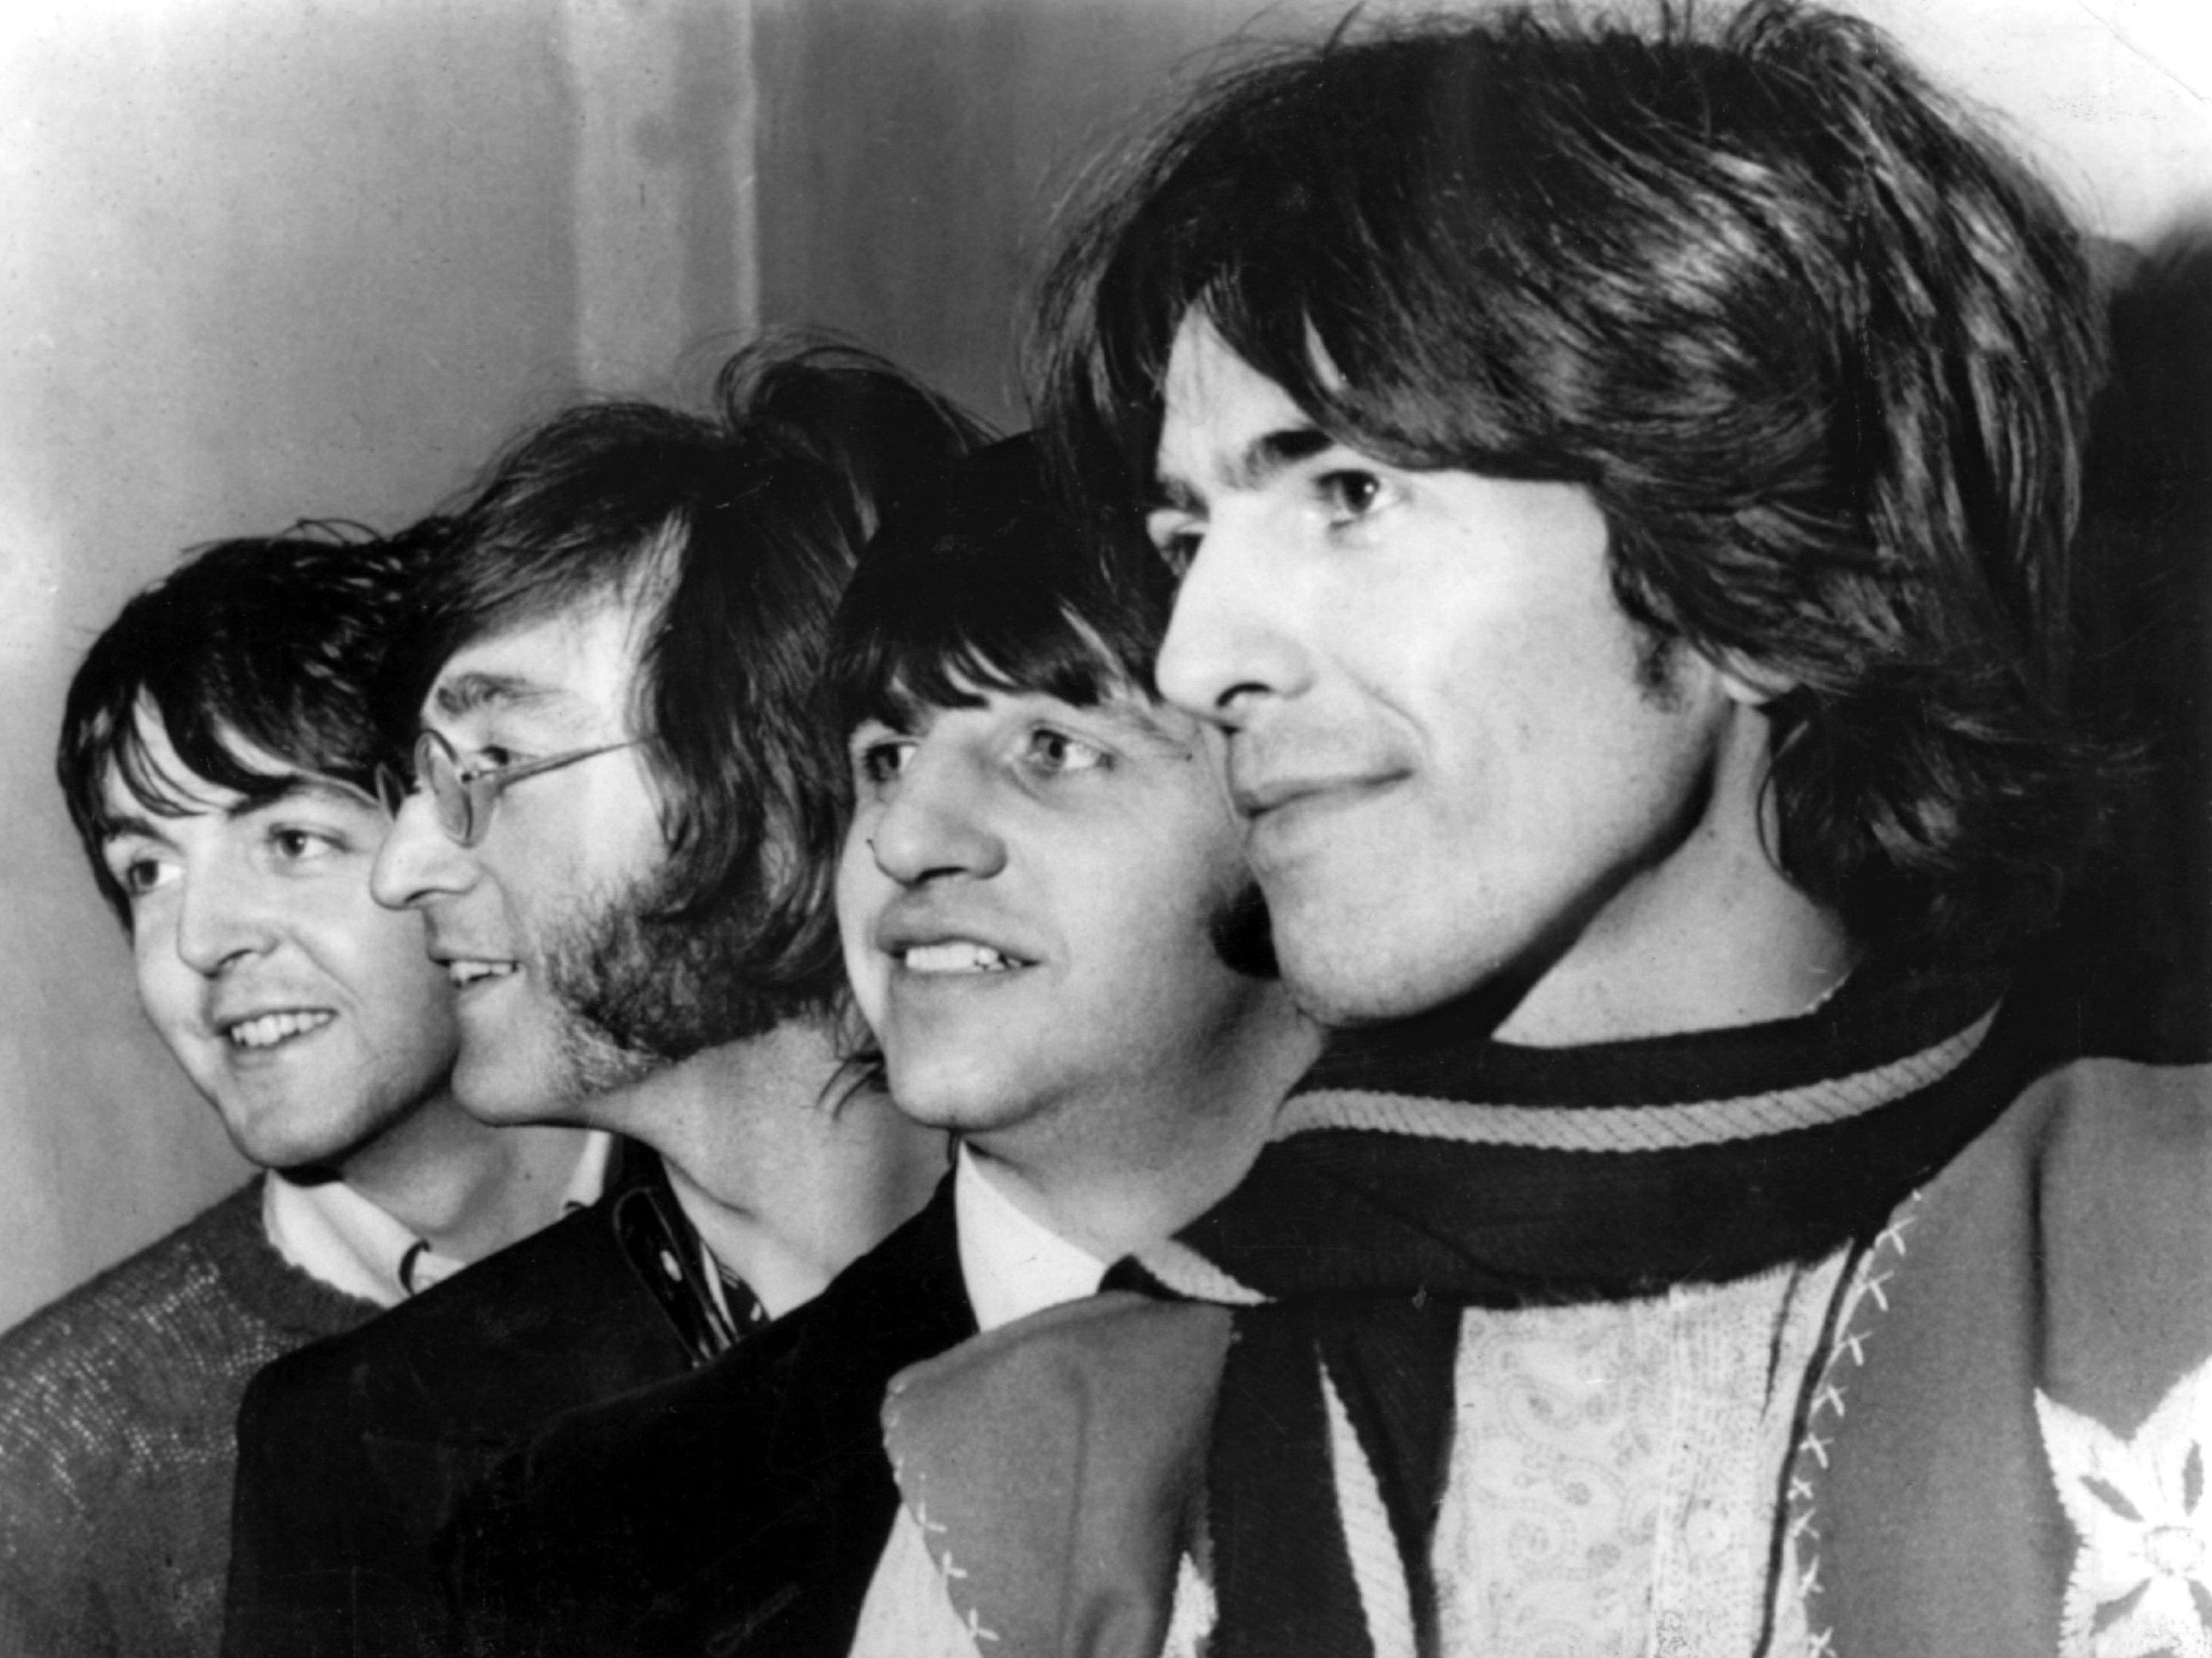 """Am 5. Oktober 1962 kam die erste Beatles-Single """"Love me Do"""" auf den Markt."""